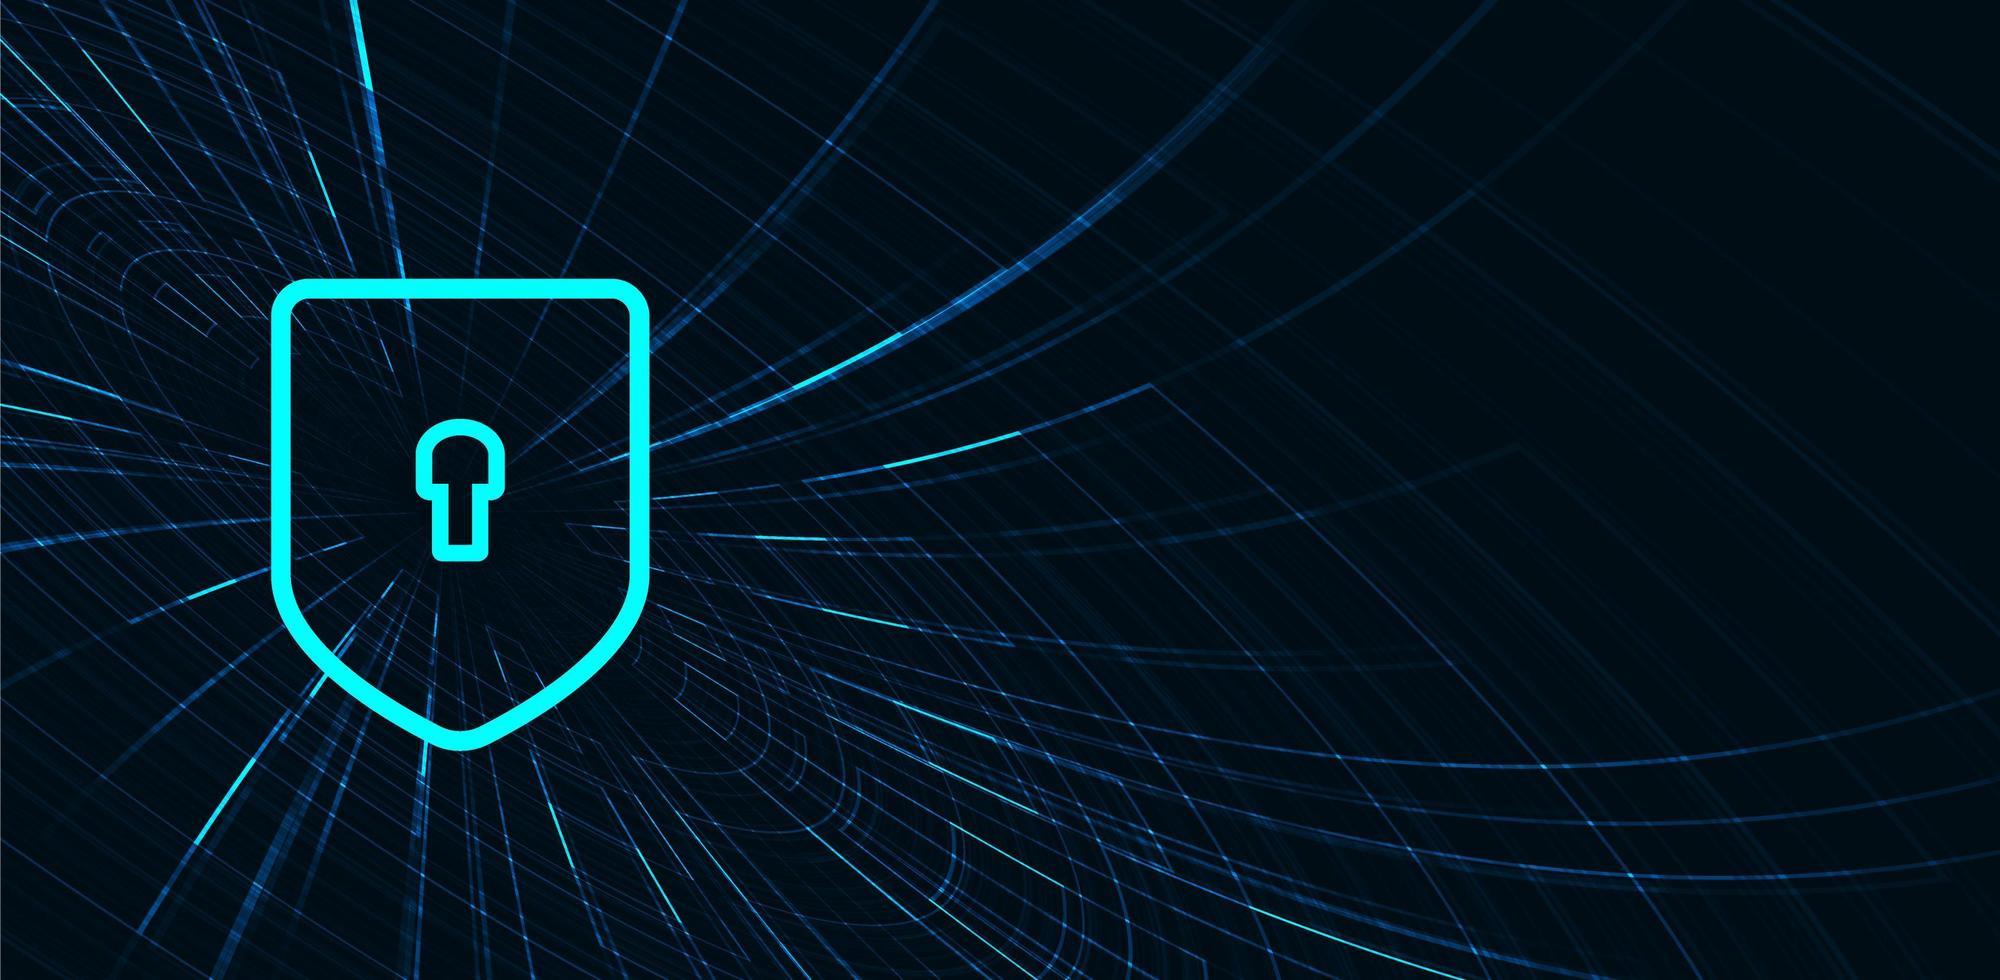 blu tecnologia digitale scudo sicurezza, protezione e concetto di connessione sfondo design vettore